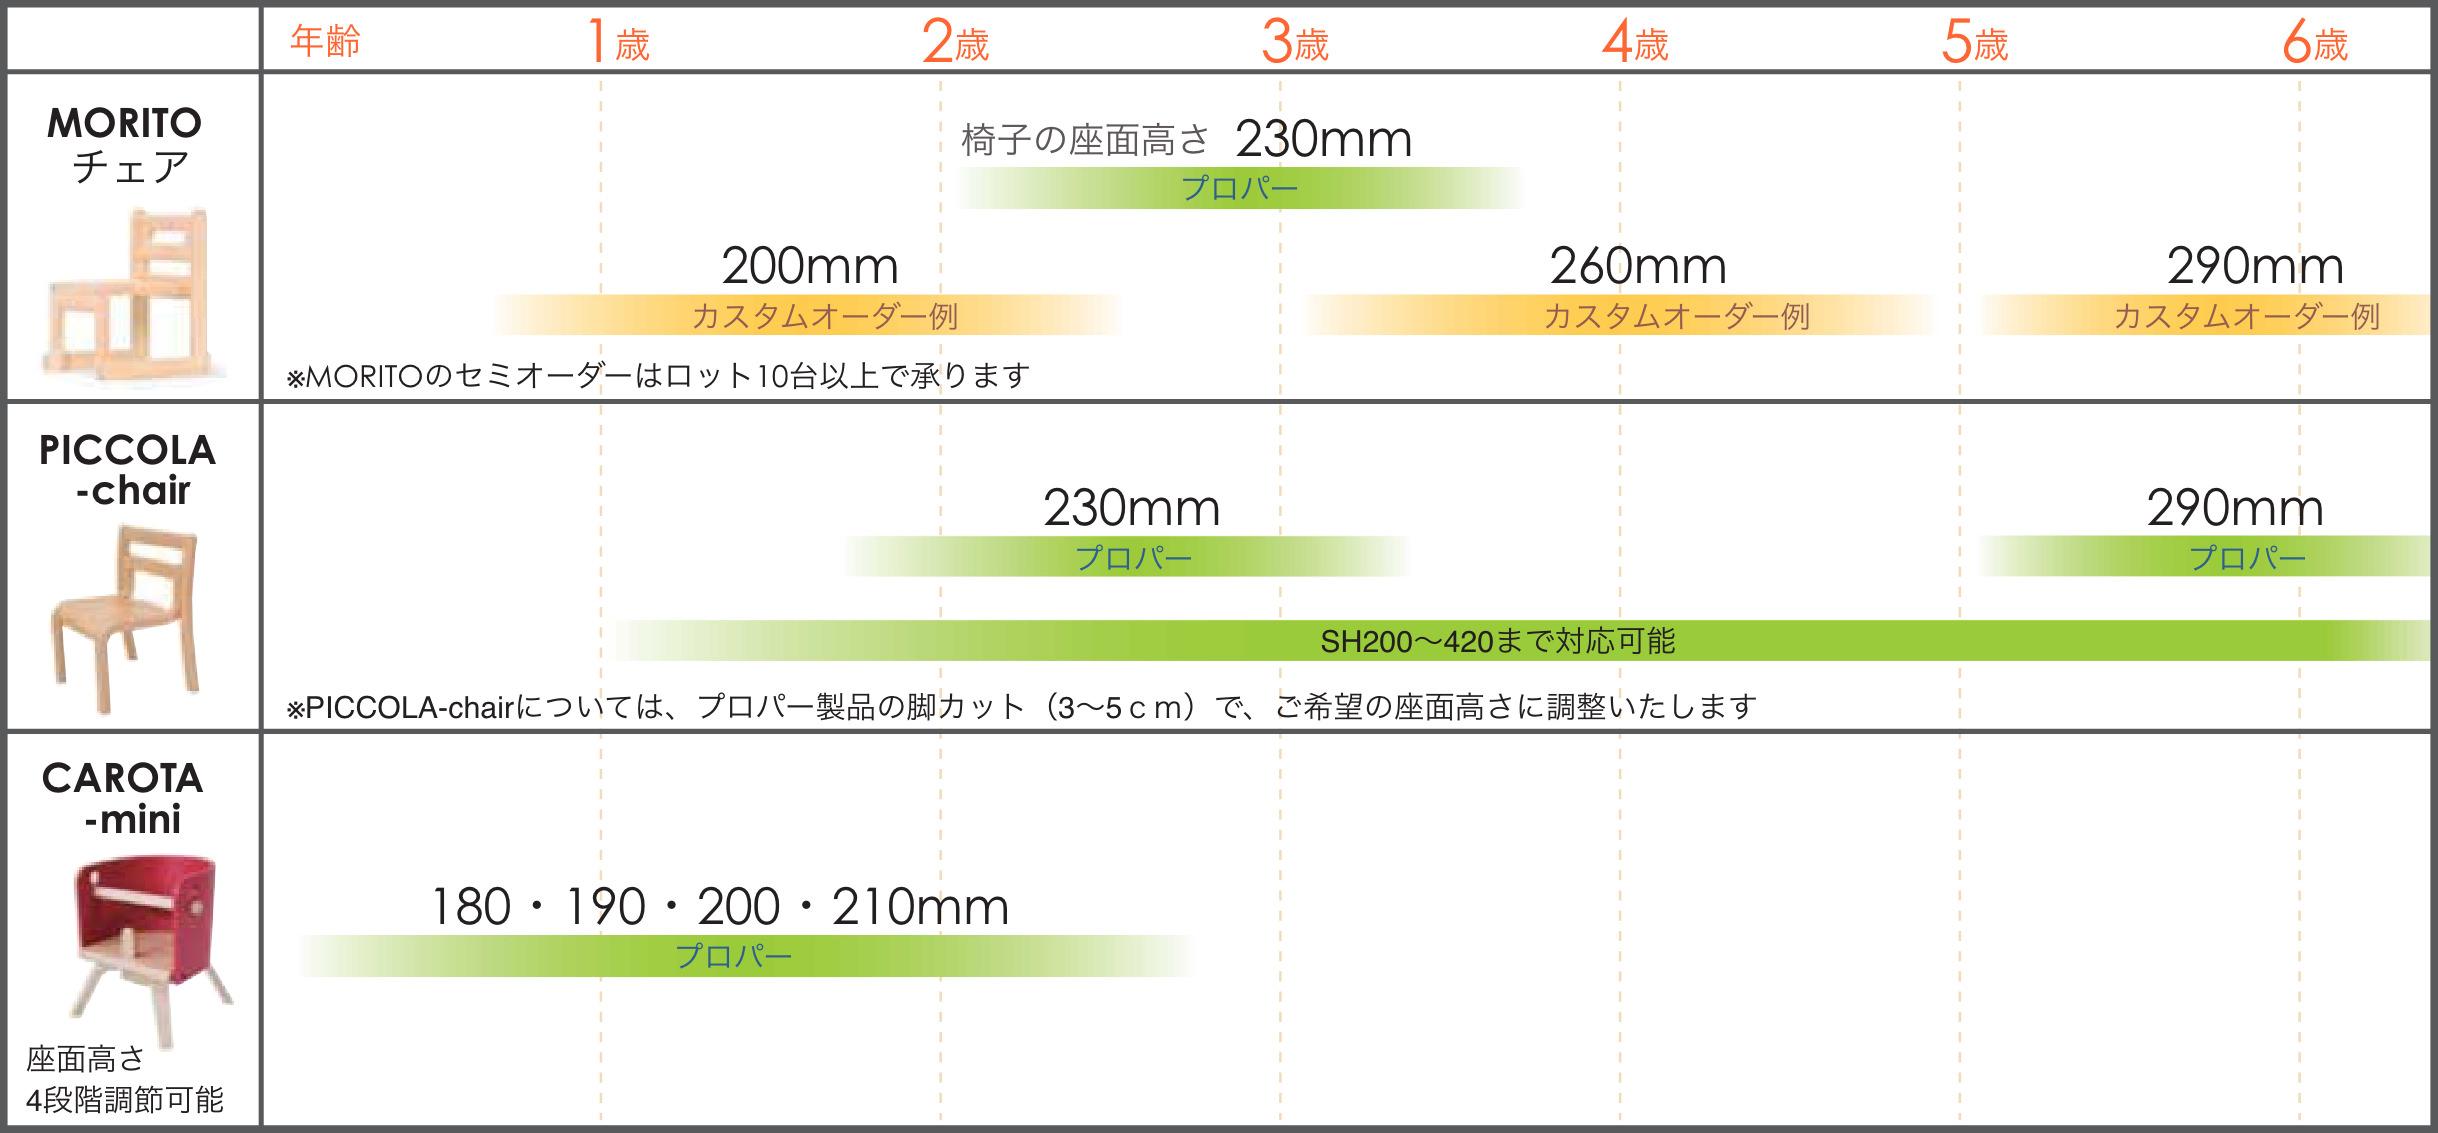 一覧表:Moritoチェア、Carota-mini、Piccolaチェアのプロパーサイズとカスタムオーダー例